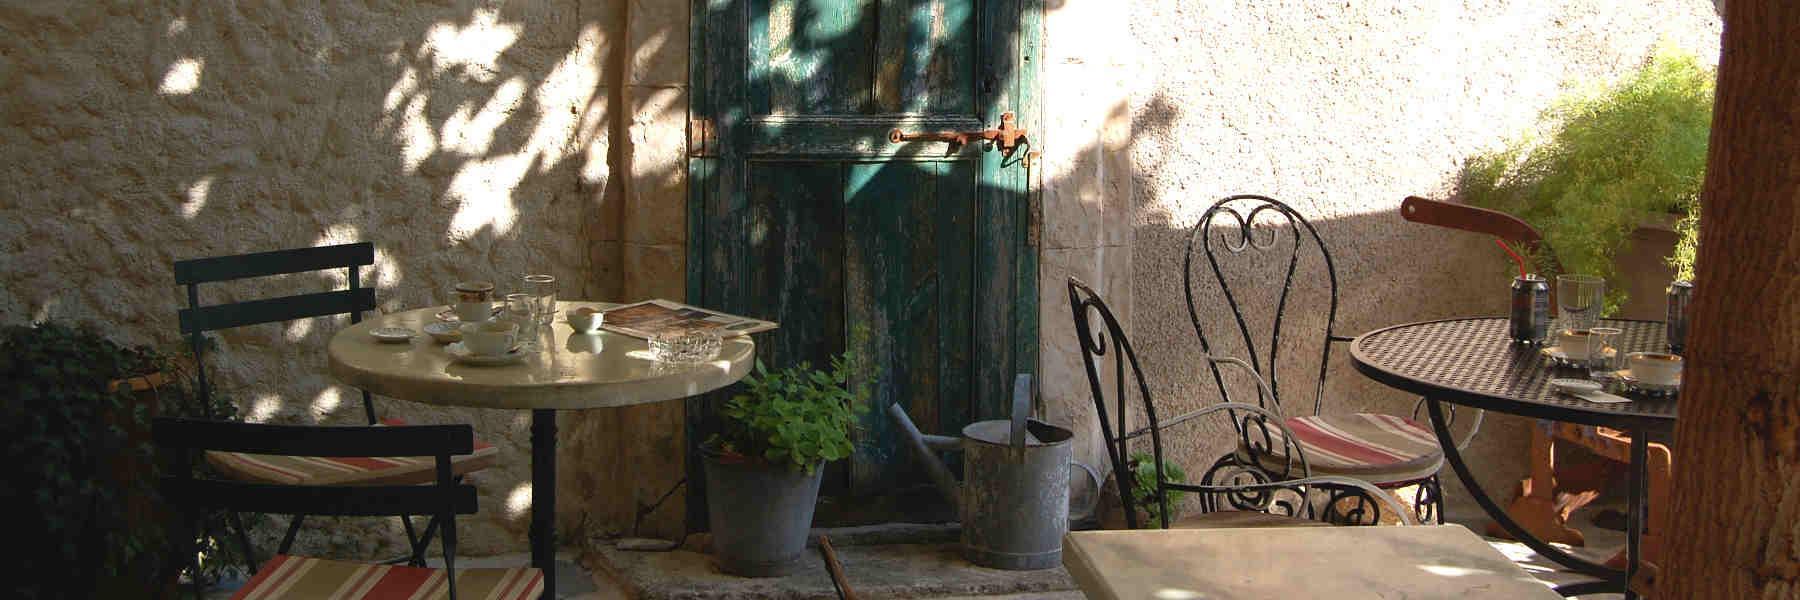 Salon de thé Le Village d'Antan commerce à Saint-Guilhem